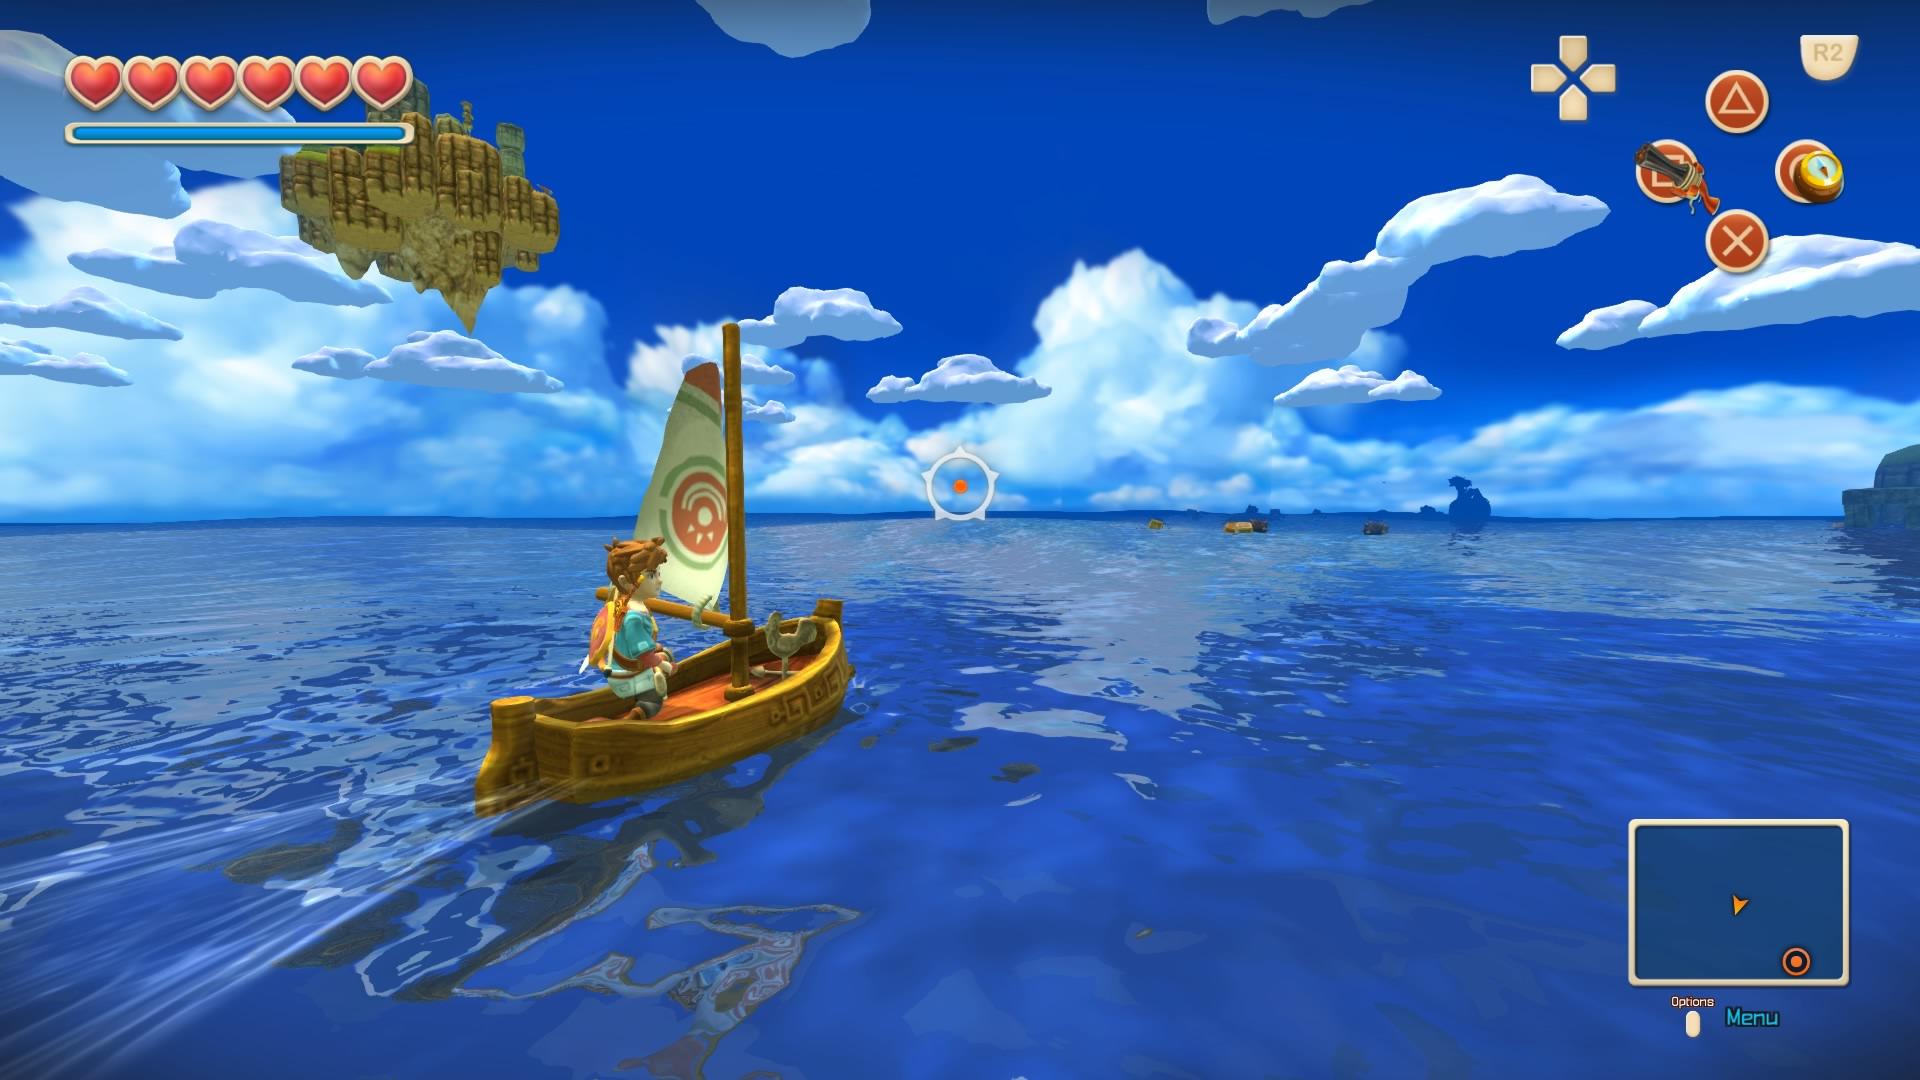 Oceanhorn: Monster of Uncharted Seas Review - Awaken the Wind